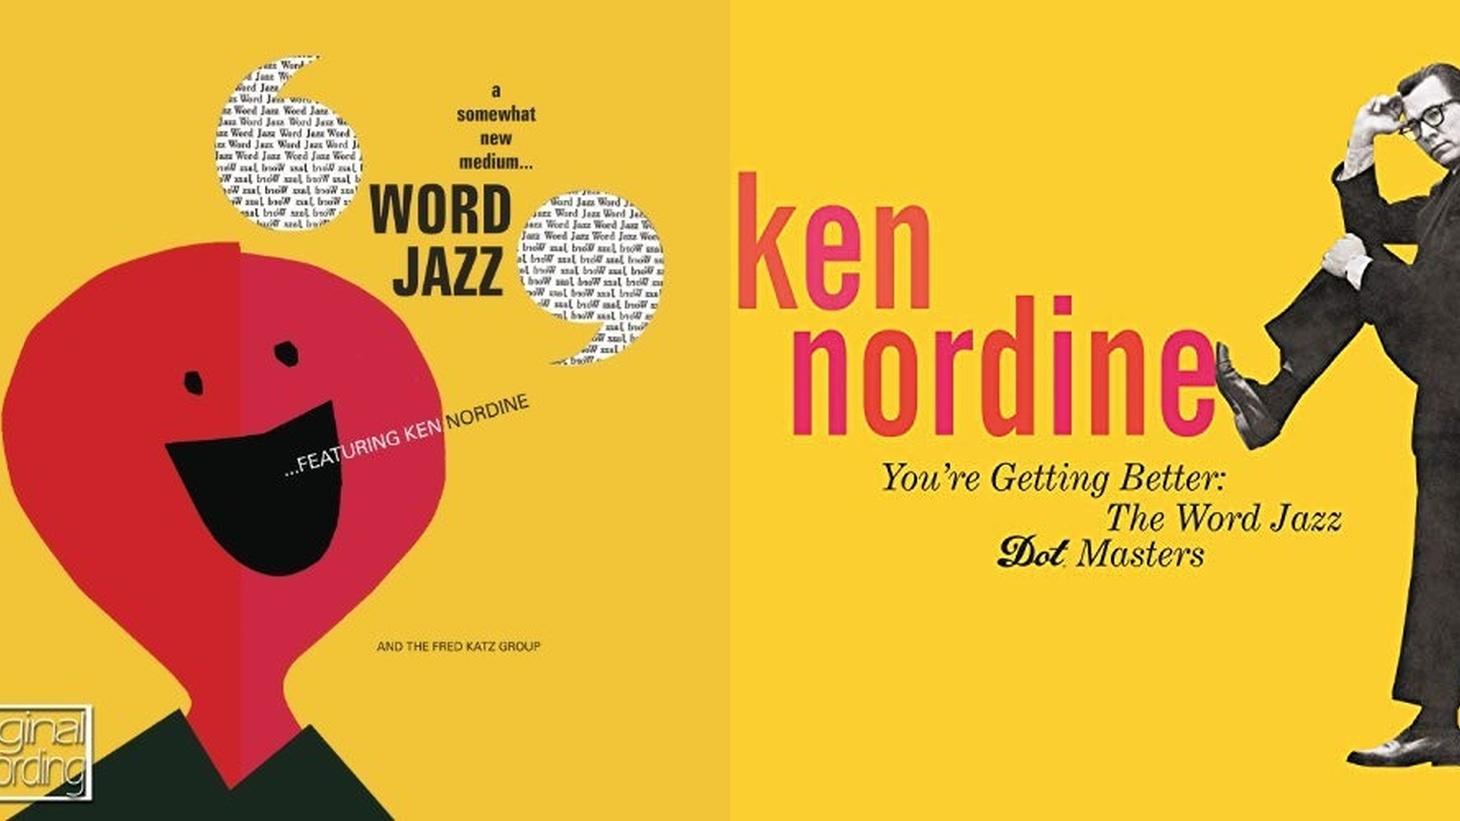 Ken Nordine's Word Jazz Albums